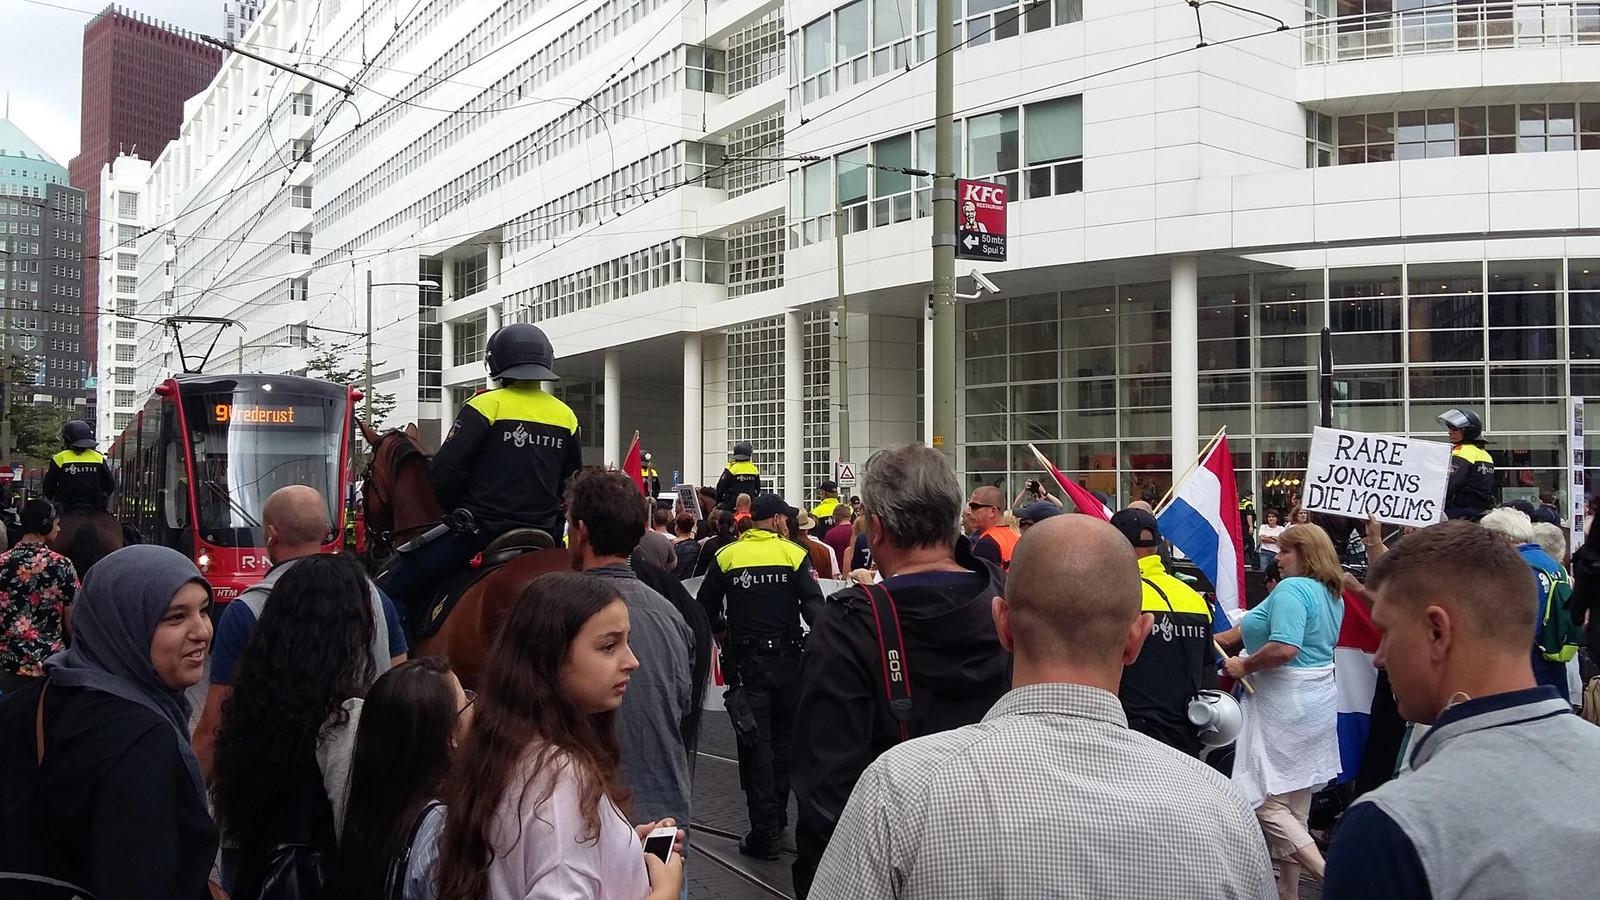 Het winkelend publiek kijkt de Pegida-betogers en hun omvangrijke politie-gevolg na in de Haagse binnenstad.